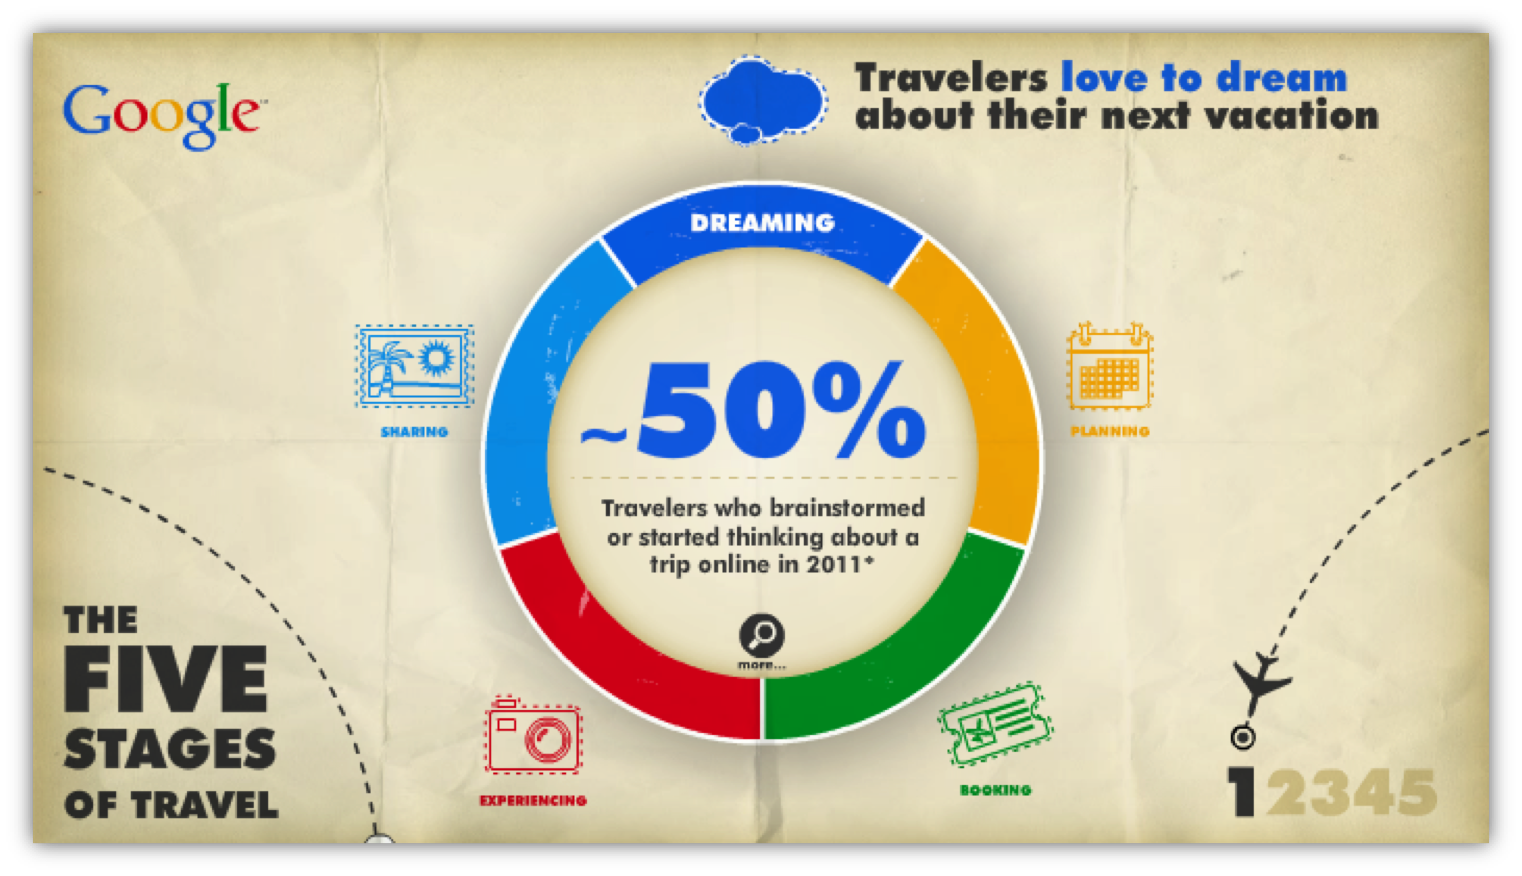 google reiscyclus in de kracht van video content